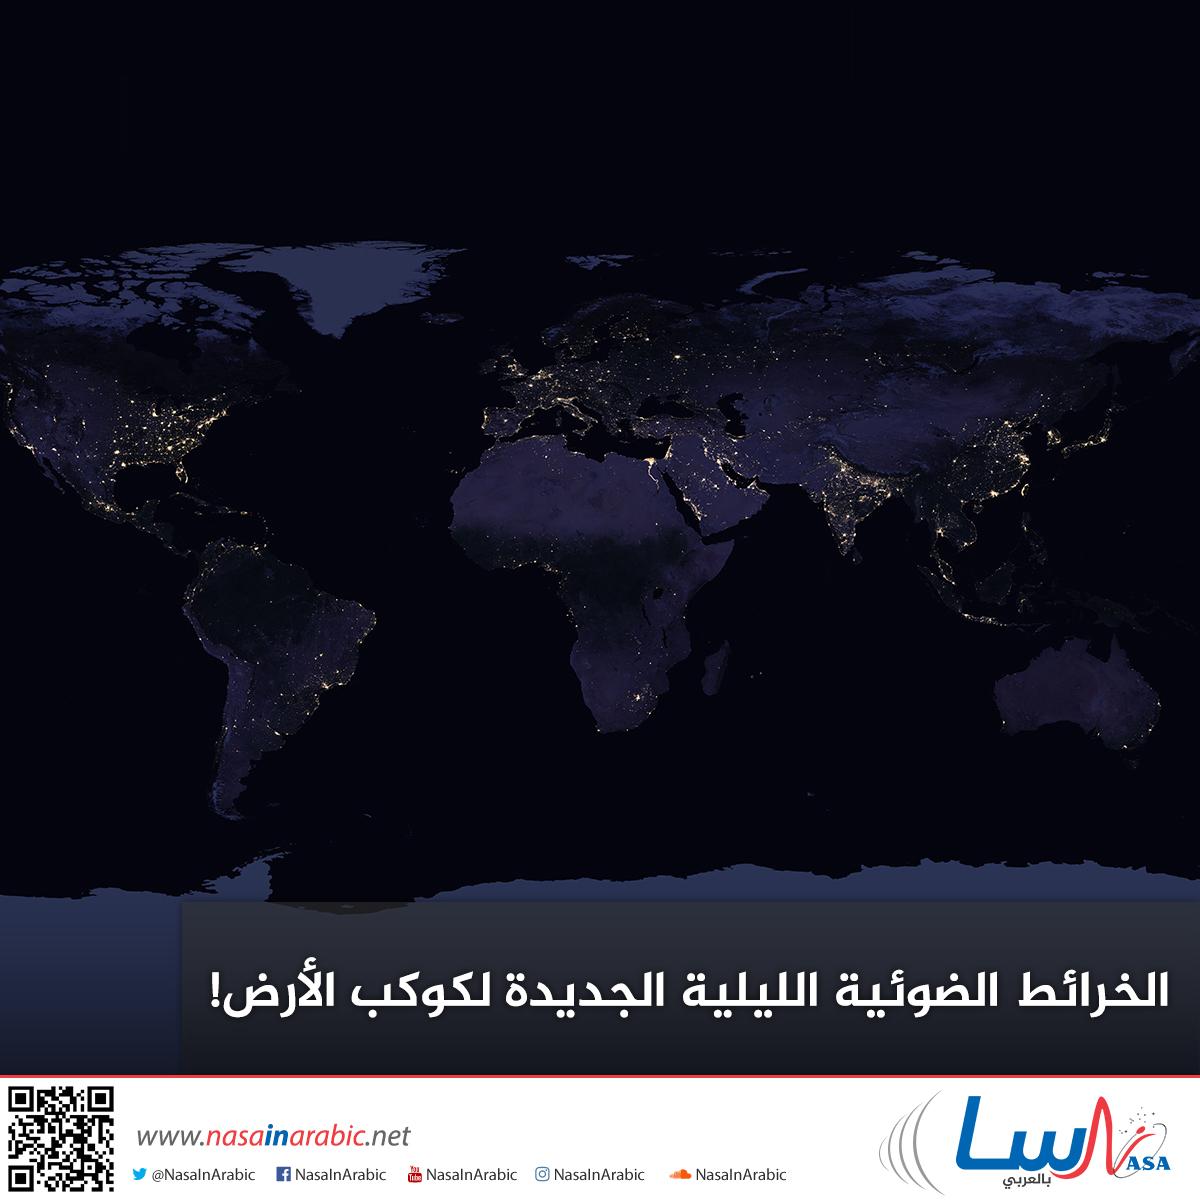 الخرائط الضوئية الليلية الجديدة لكوكب الأرض!